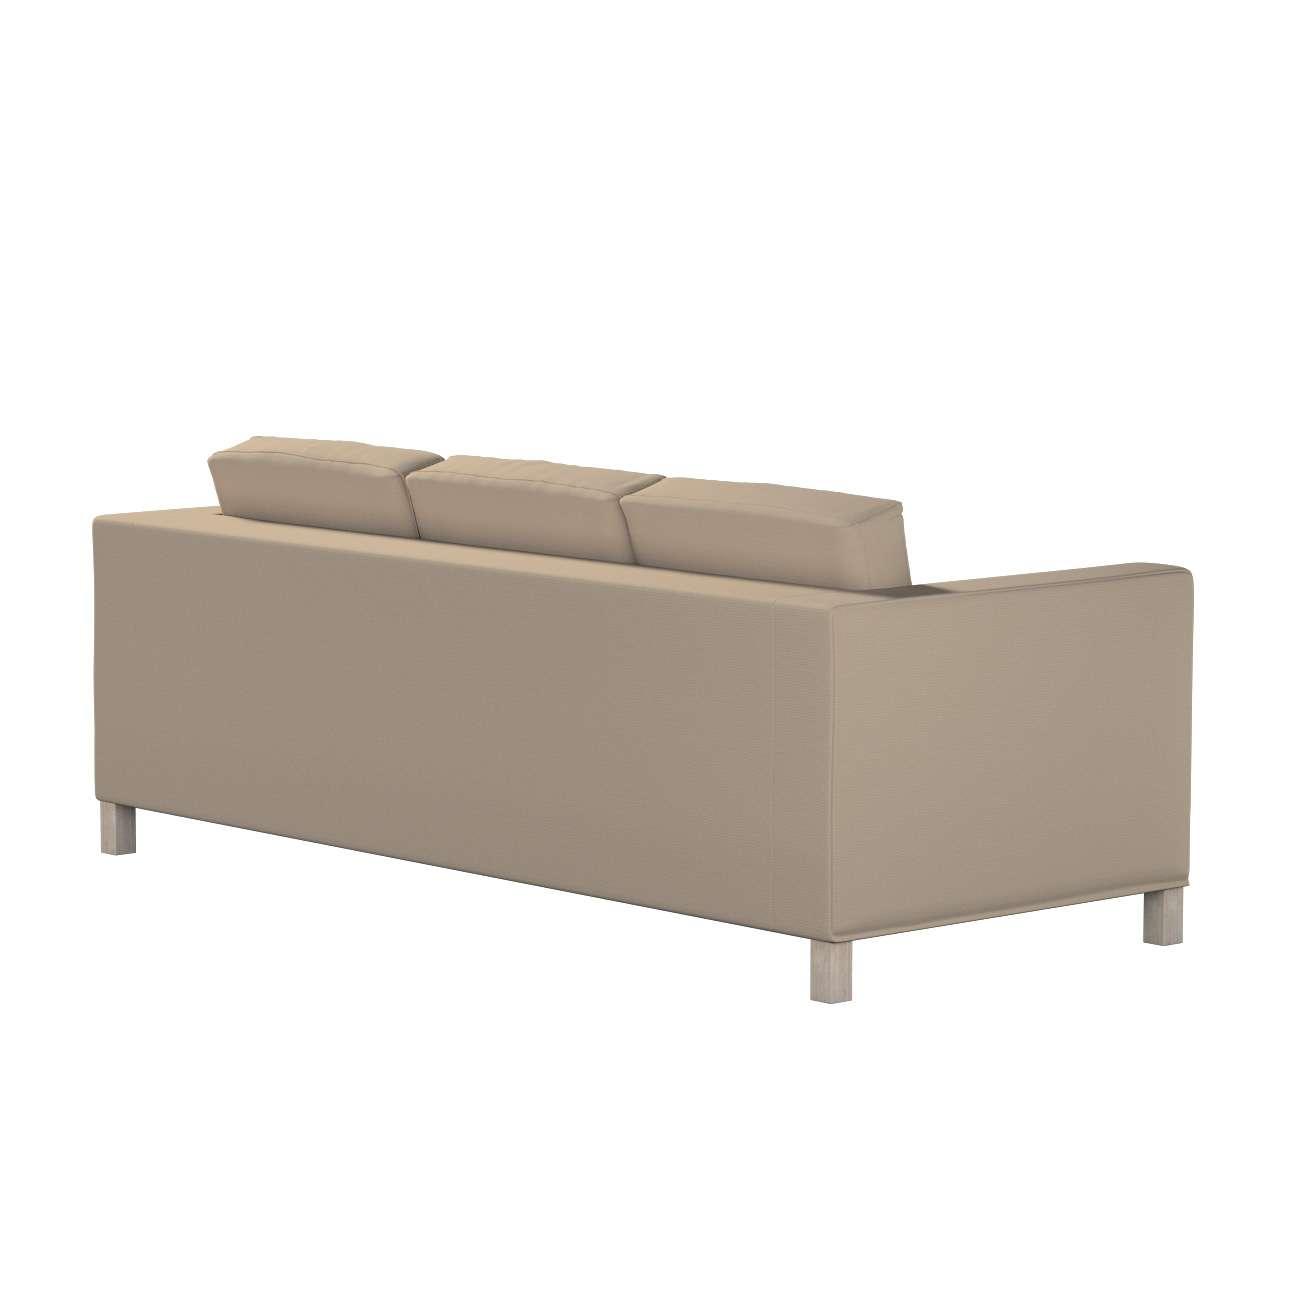 Potah na pohovku IKEA  Karlanda 3-místná nerozkládací, krátký v kolekci Cotton Panama, látka: 702-28